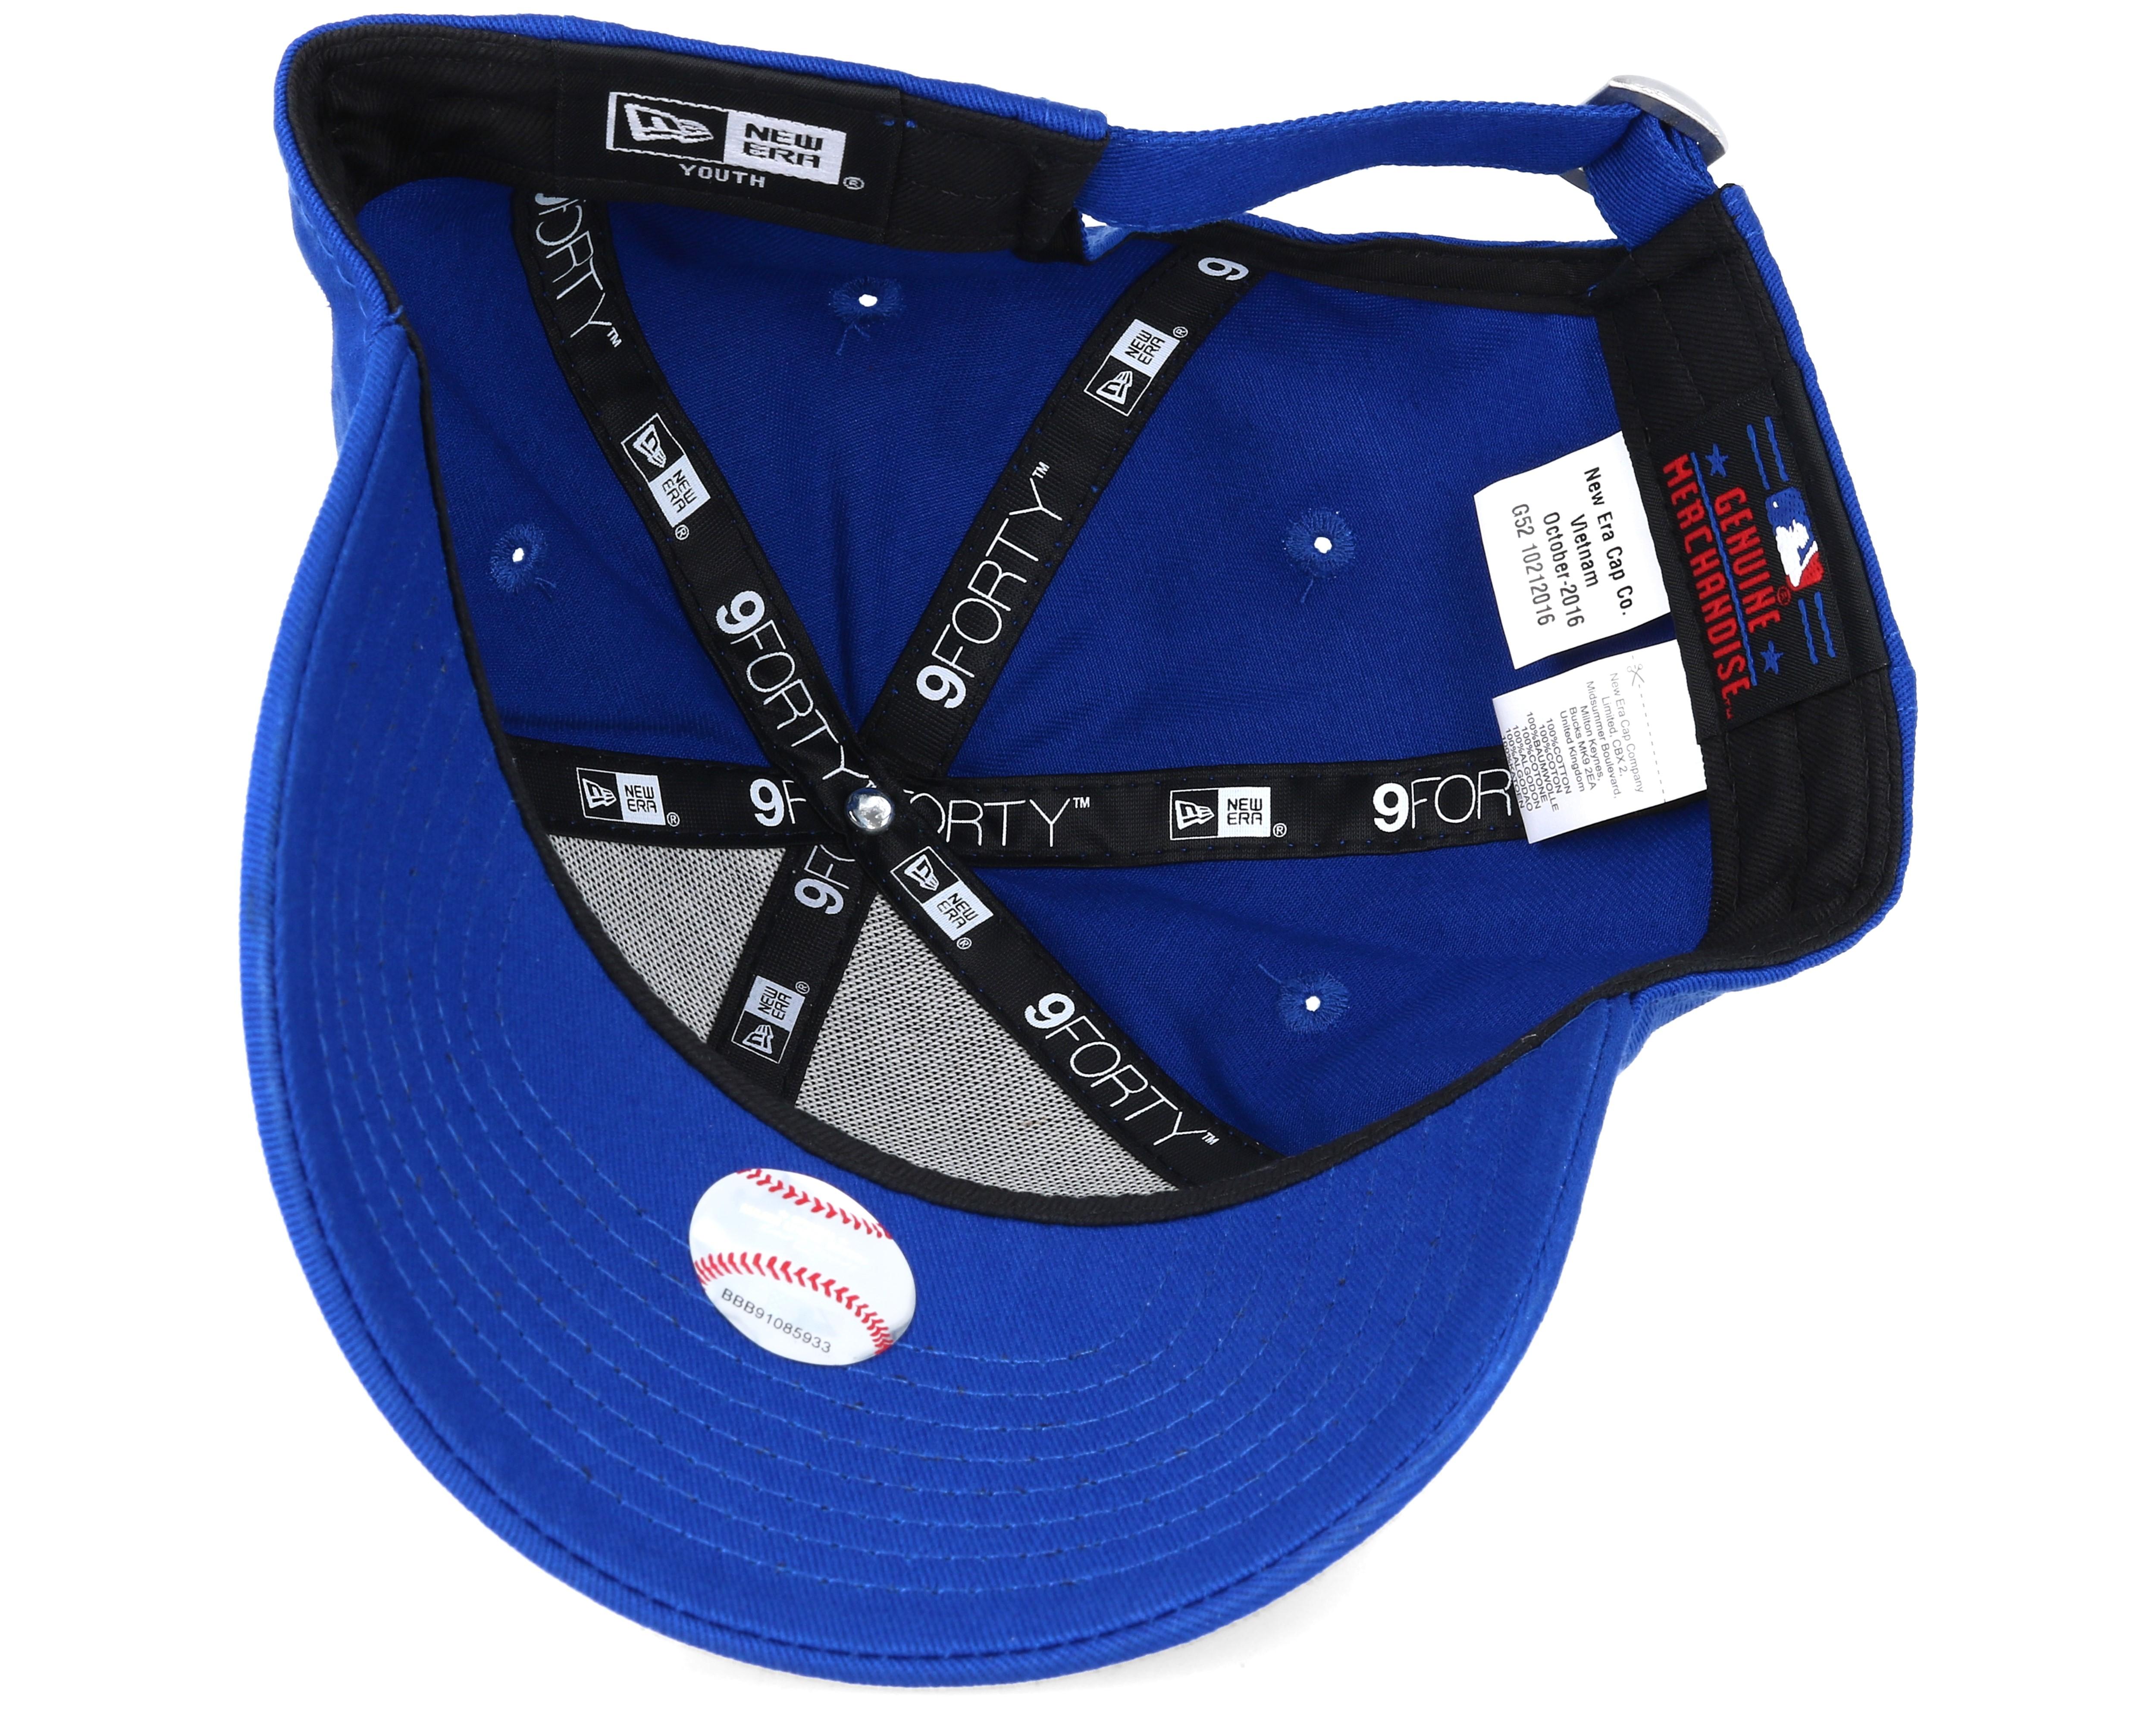 ba637618 Los Angeles Dodgers Apparel, Pro Shop, Dodgers ... - lids.ca